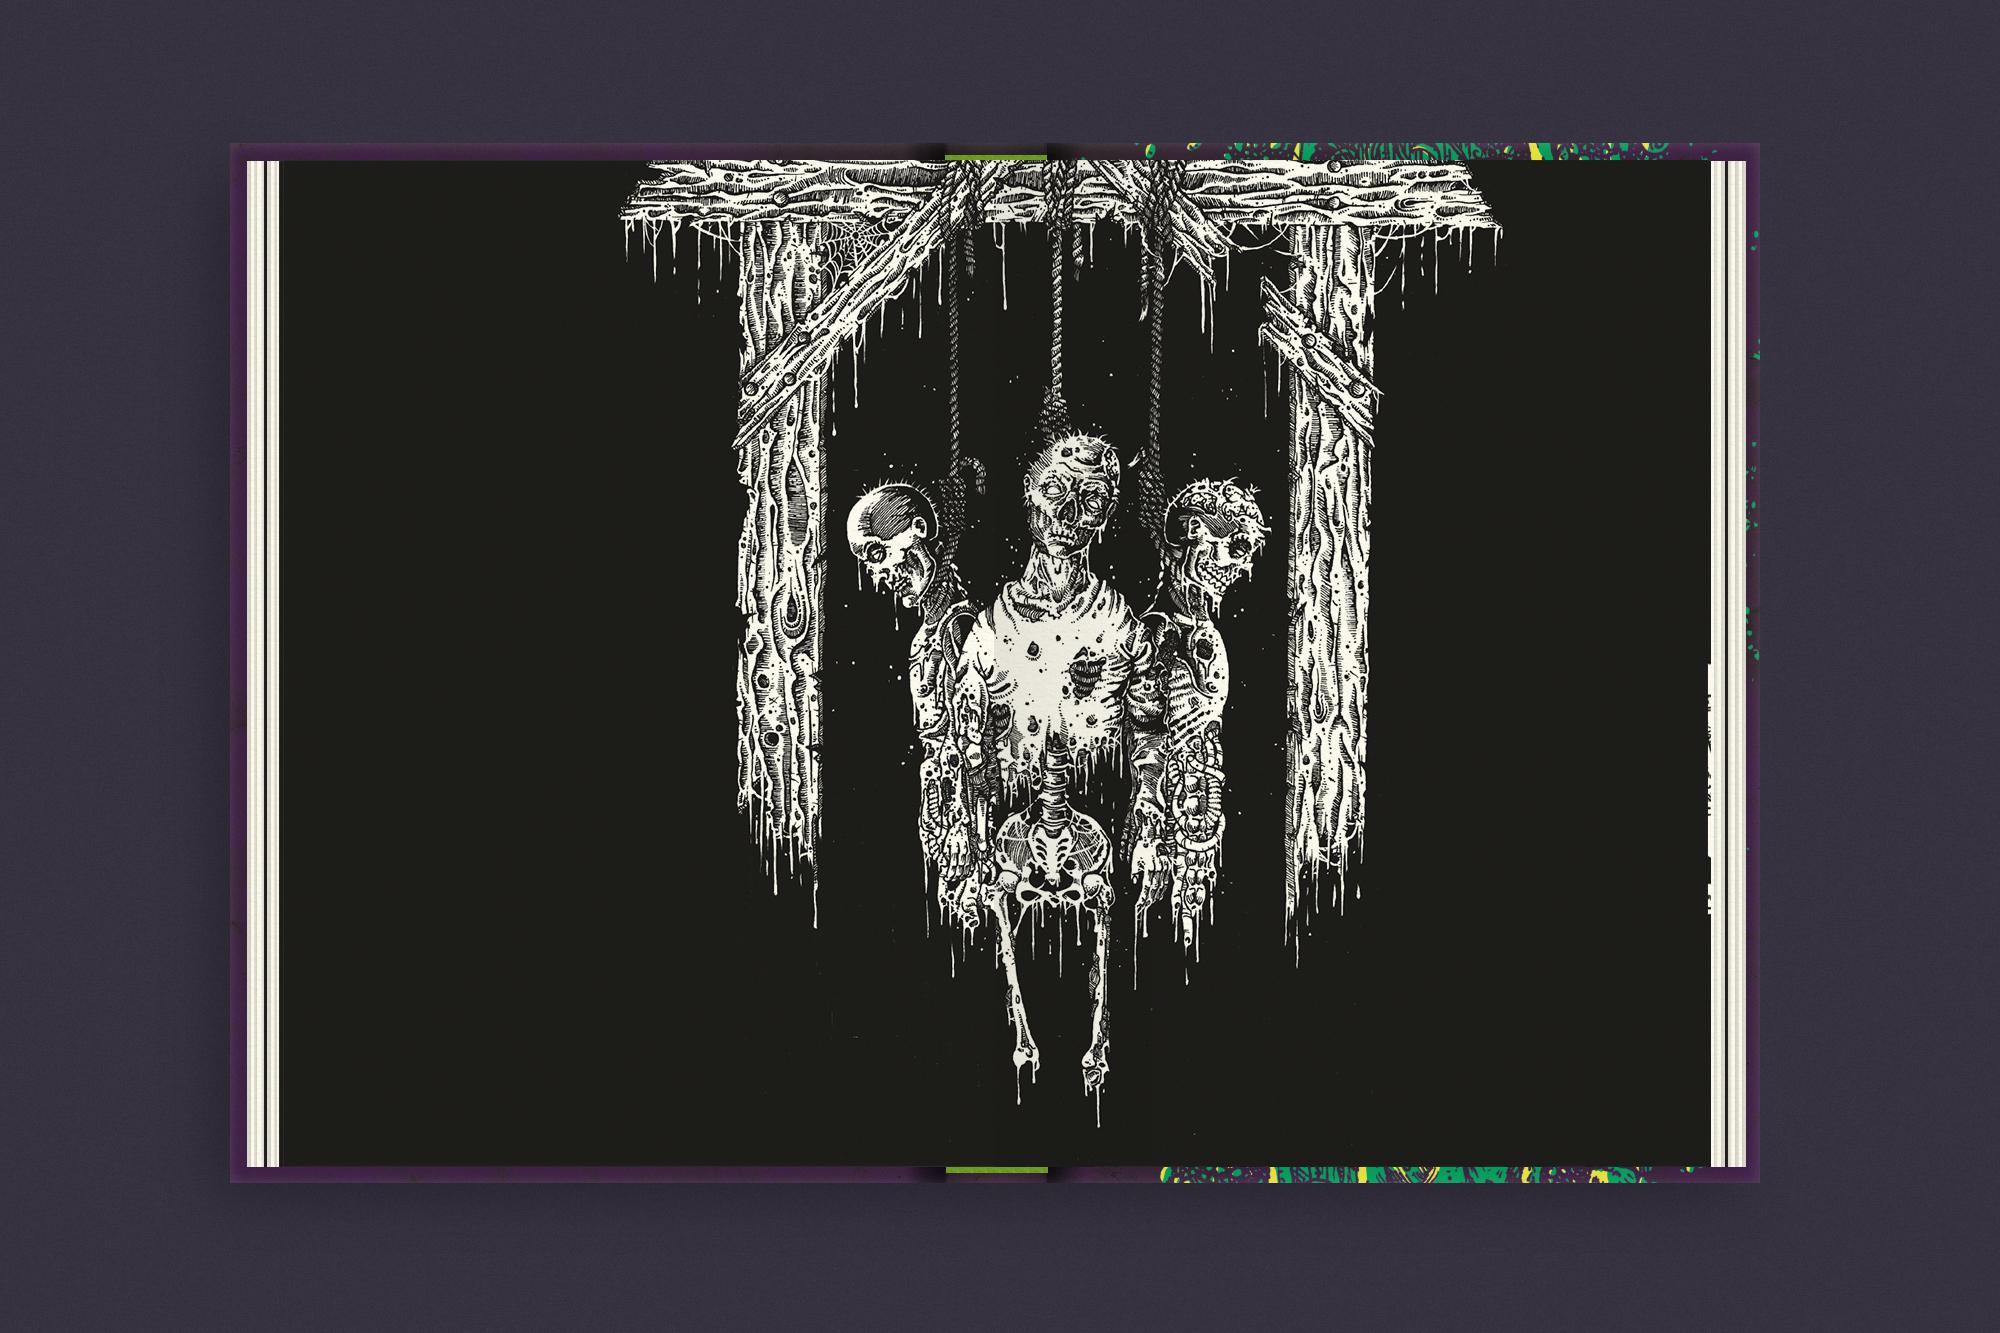 dobbelte-grav-bogdesign-bogomslag-grafisk-malene-hald-8